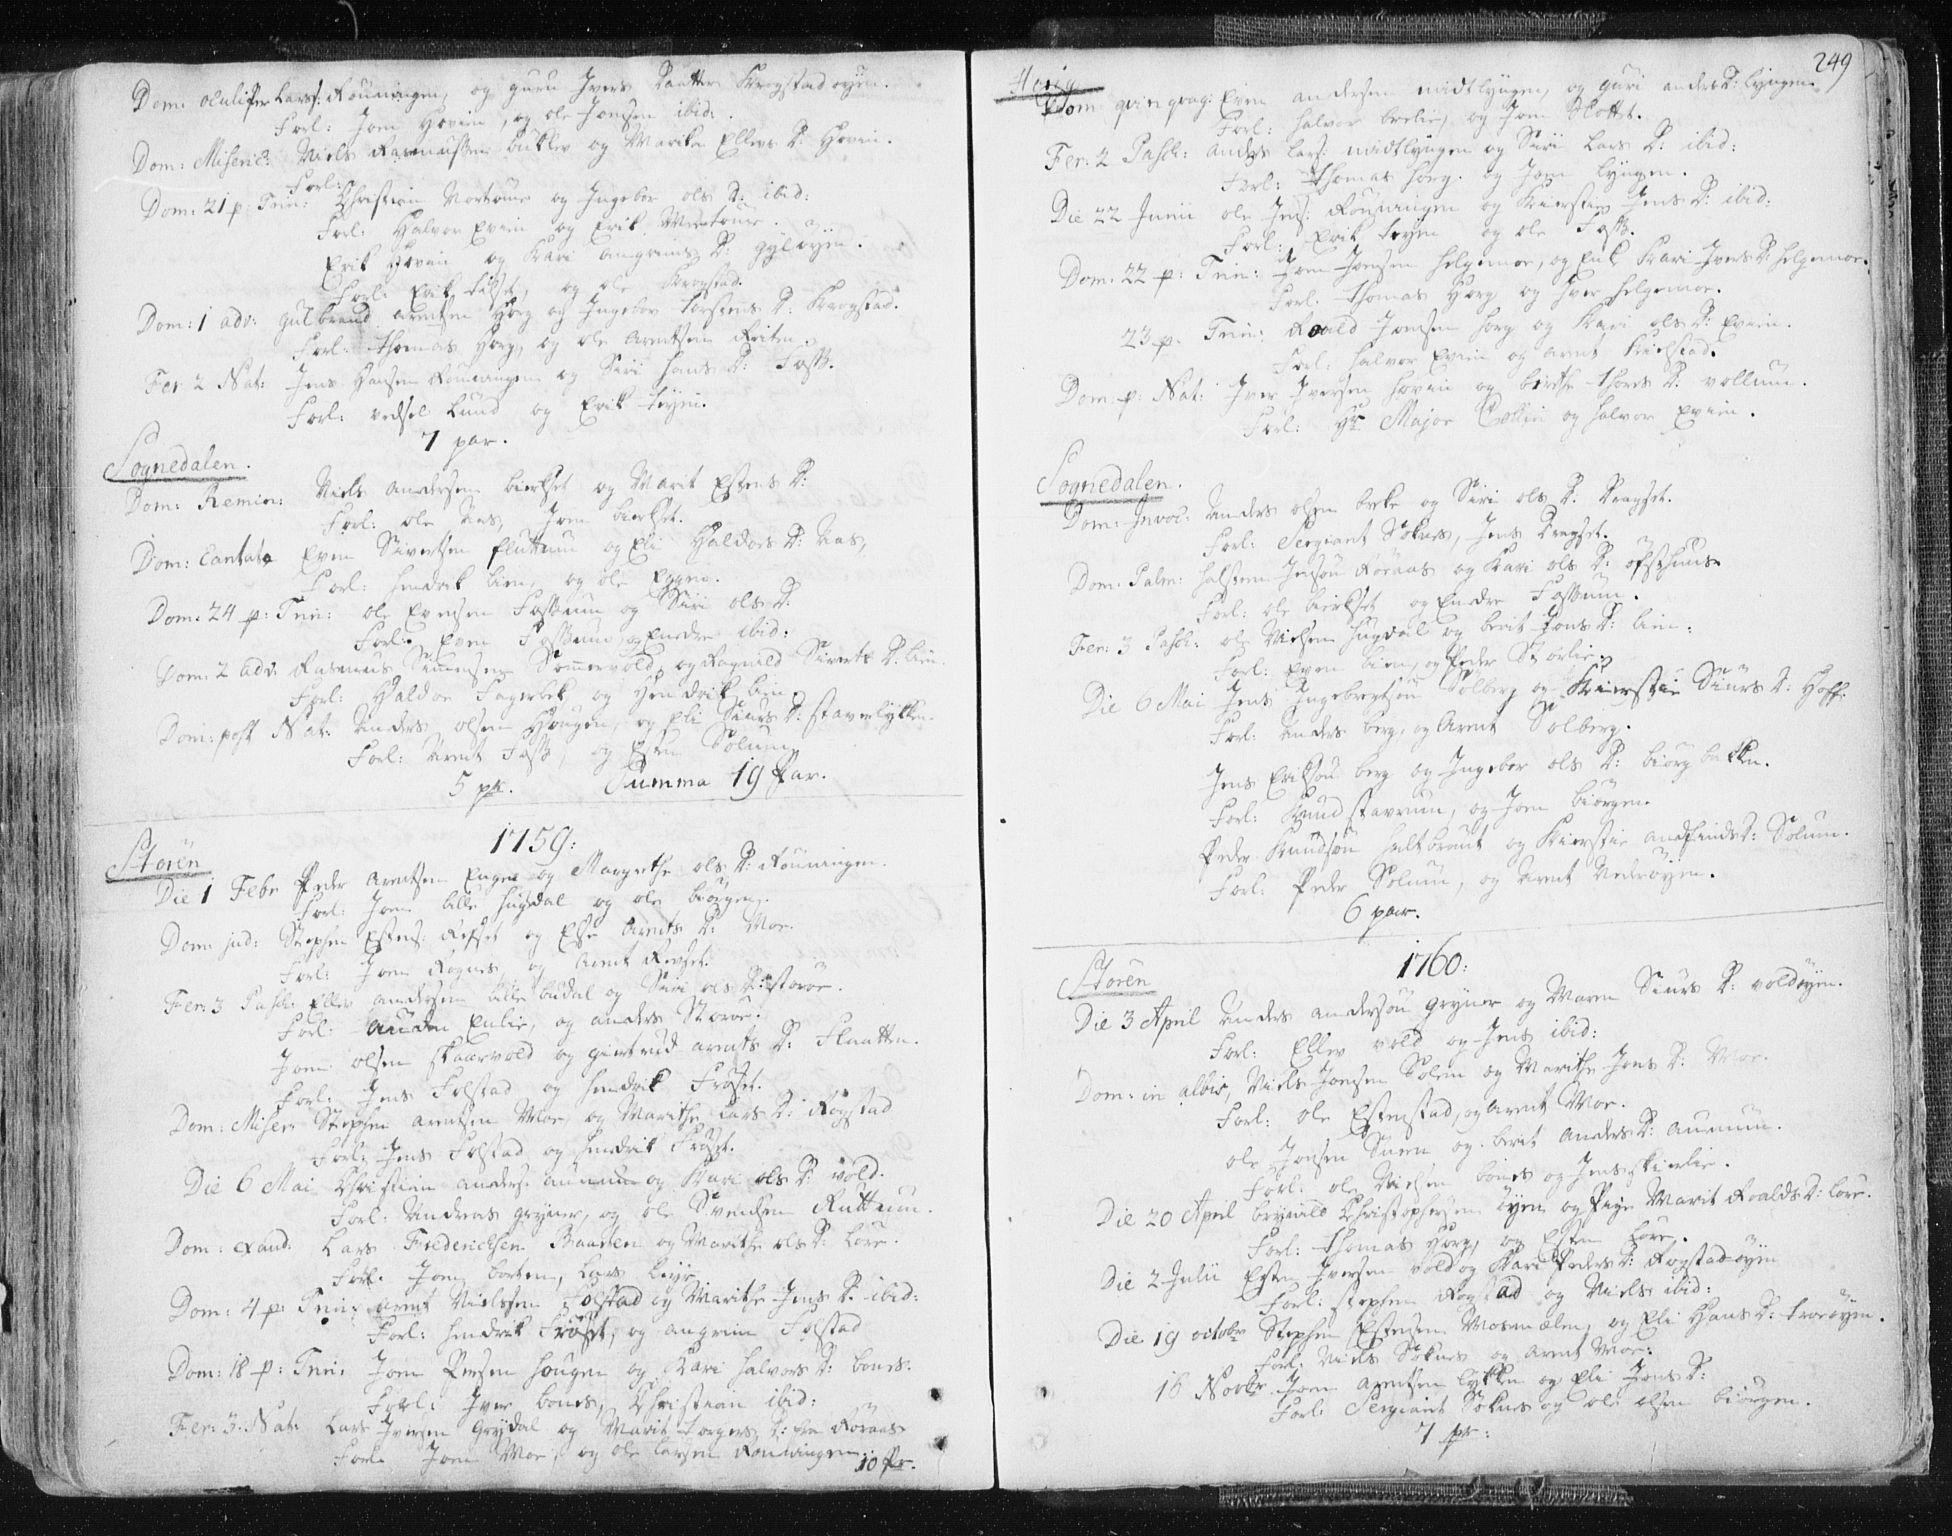 SAT, Ministerialprotokoller, klokkerbøker og fødselsregistre - Sør-Trøndelag, 687/L0991: Ministerialbok nr. 687A02, 1747-1790, s. 249